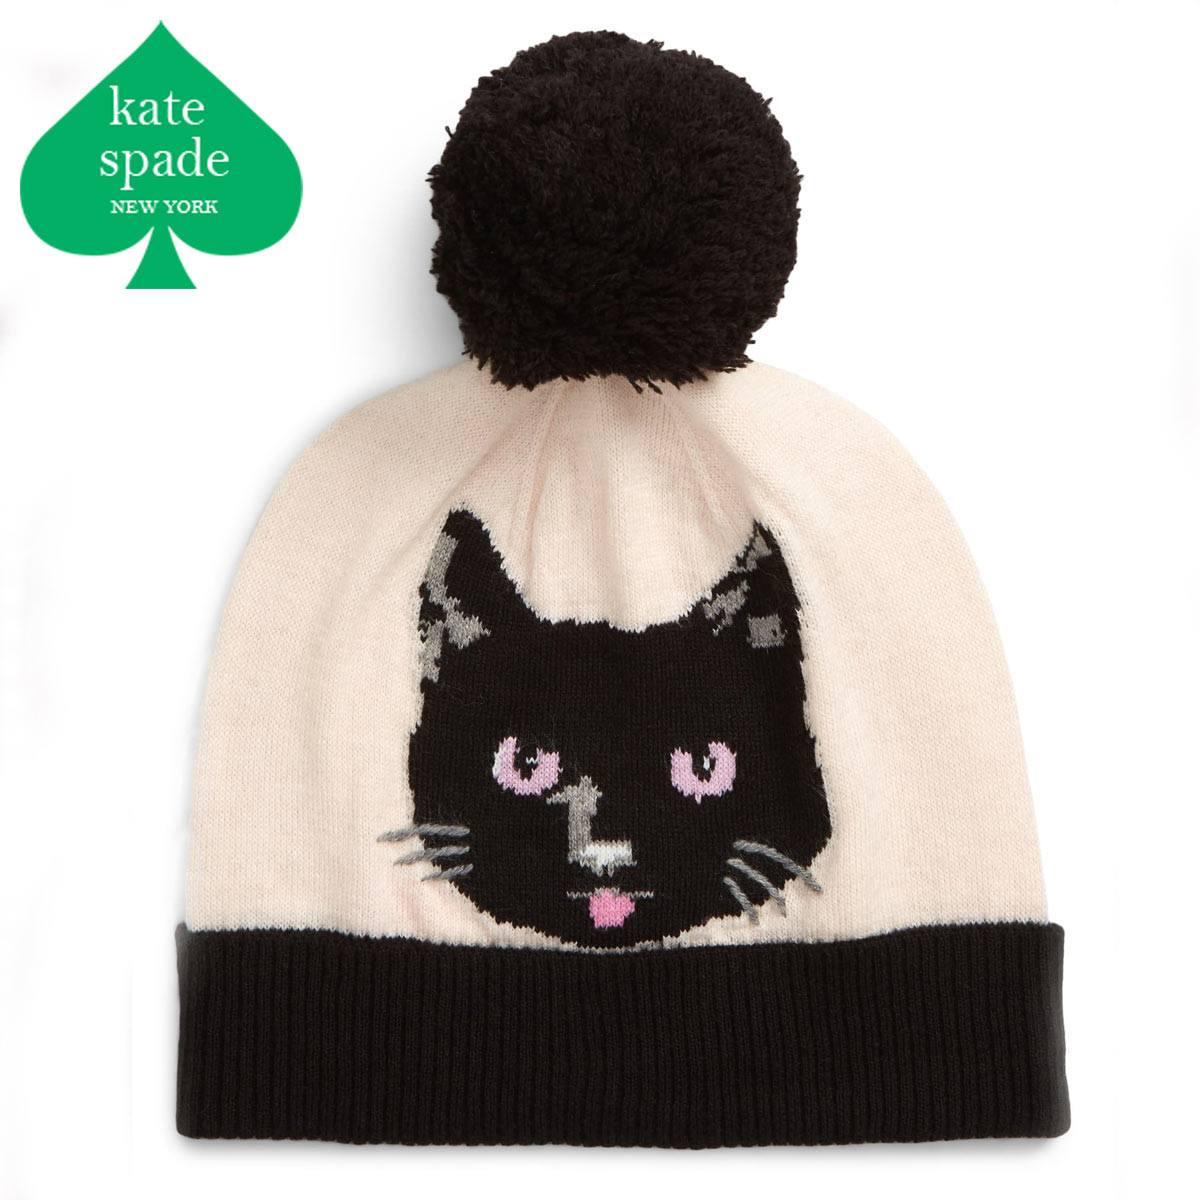 ケイトスペード ニット帽 ボンボン ブランド 猫 レディース ビーニー ニット ニット帽子 KATE SPADE NEW YORK